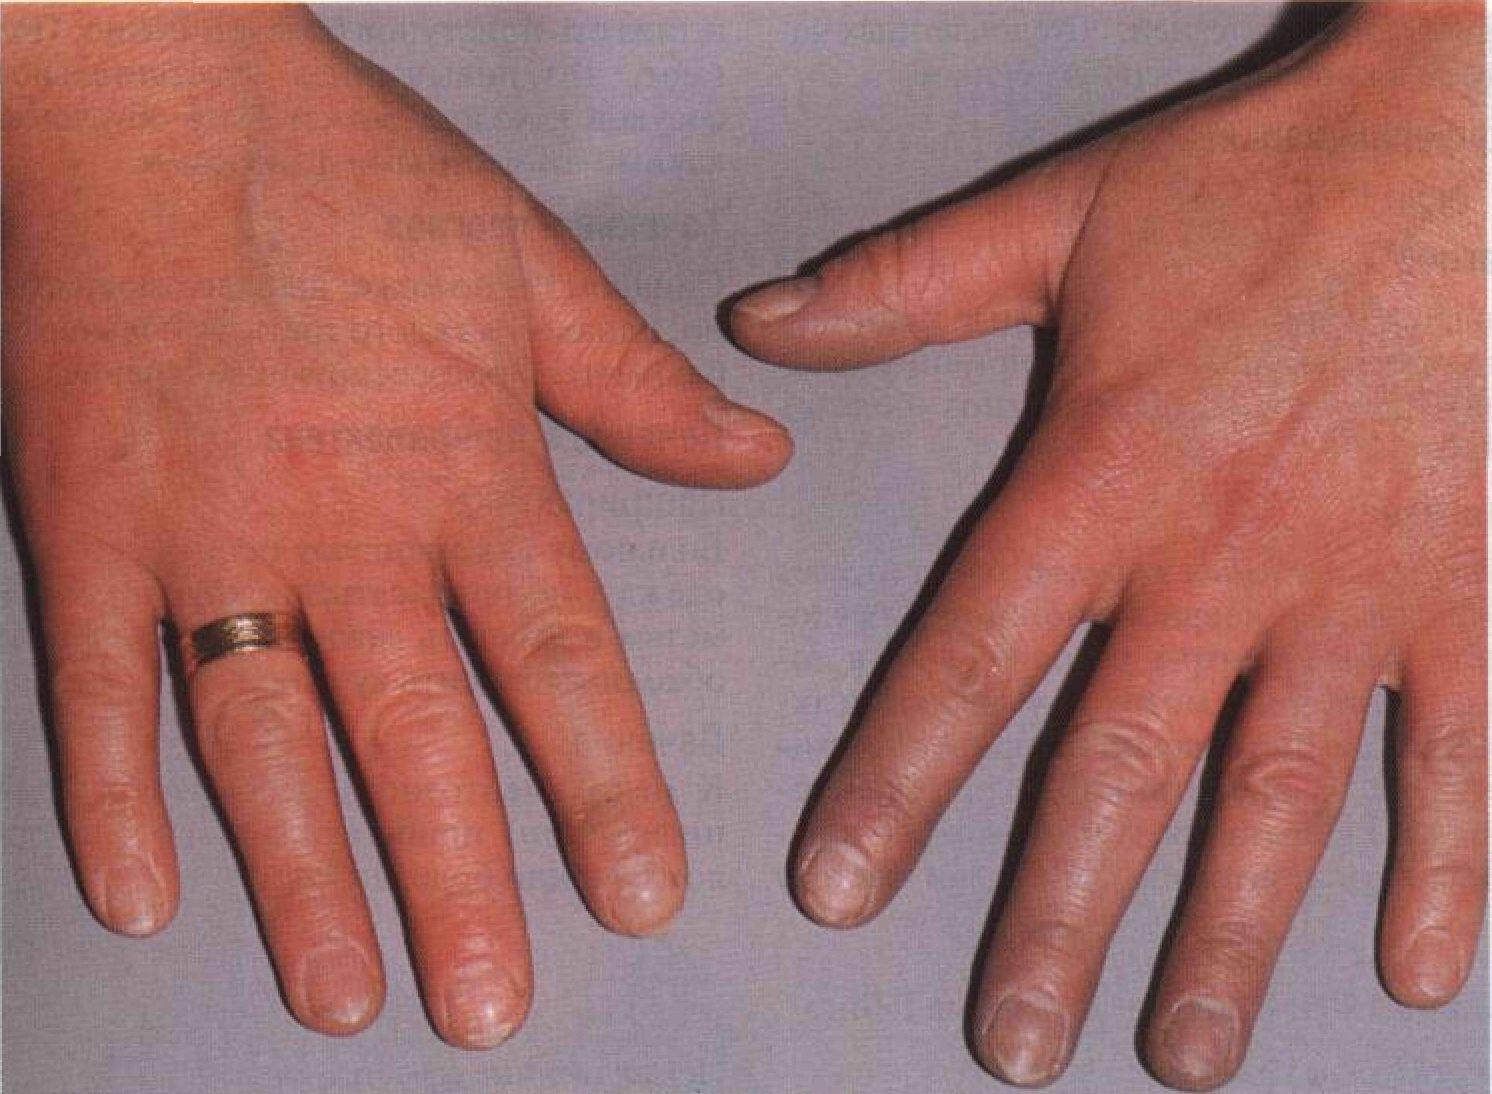 Цианоз половых губ 9 фотография